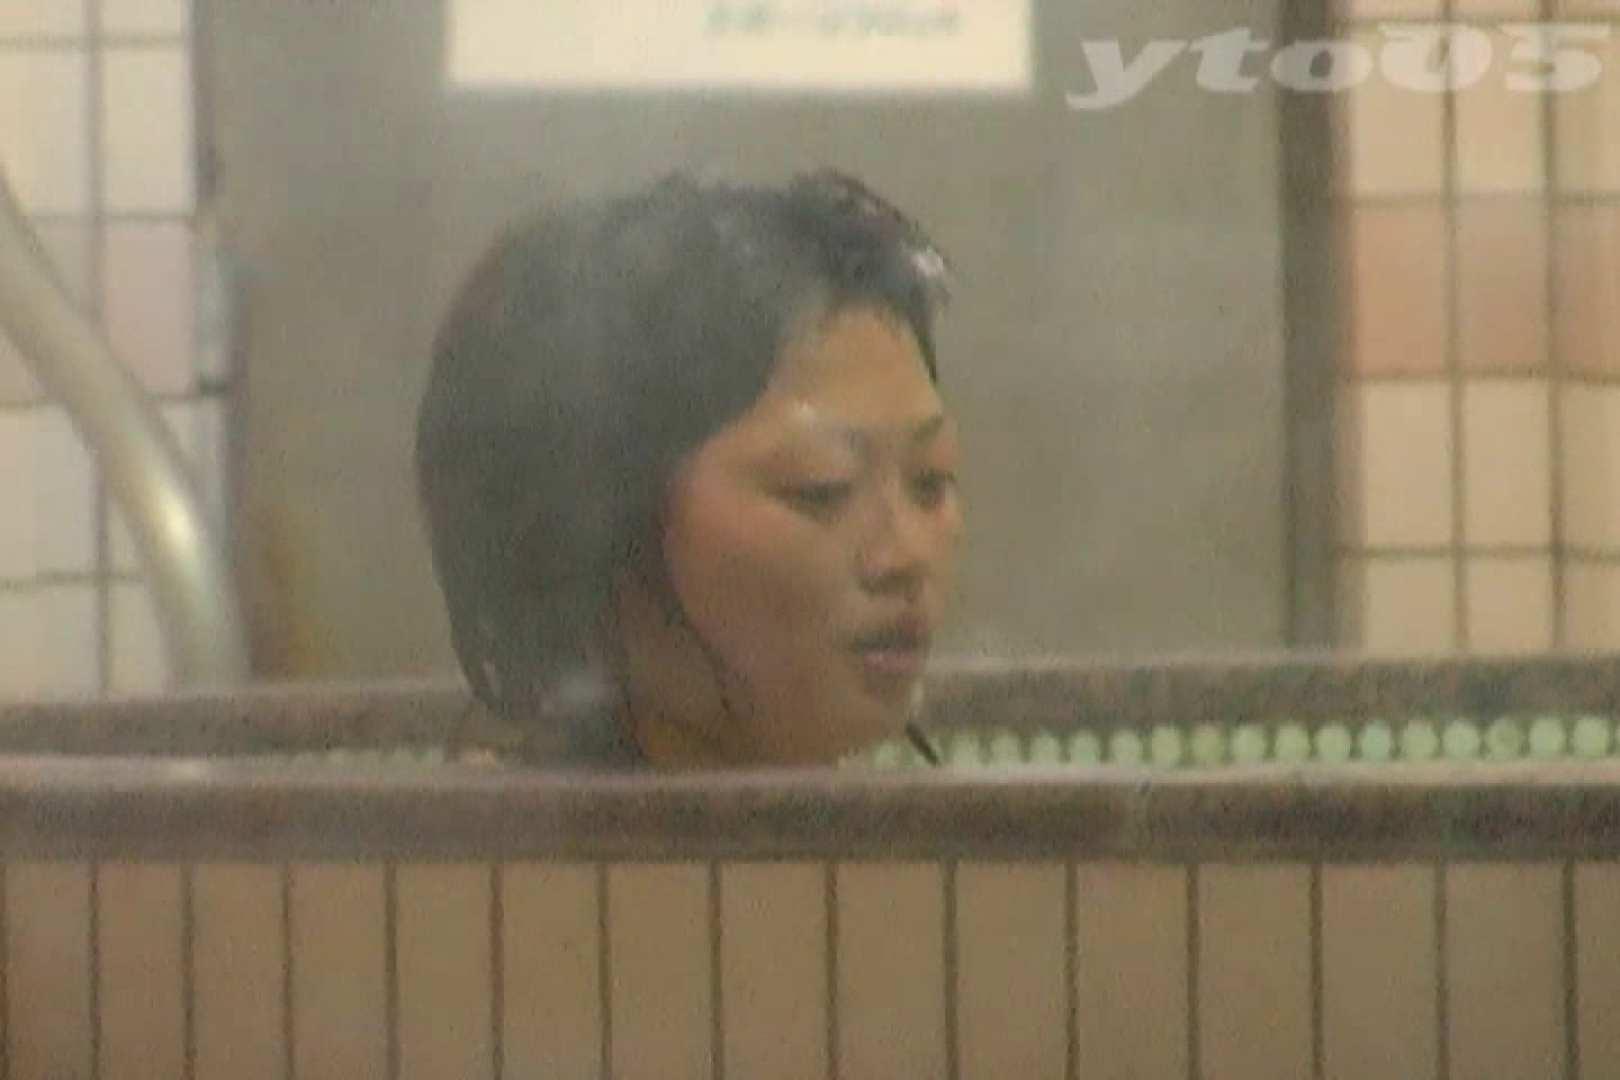 ▲復活限定▲合宿ホテル女風呂盗撮 Vol.28 盗撮・必見   ホテルでエッチ  80画像 1